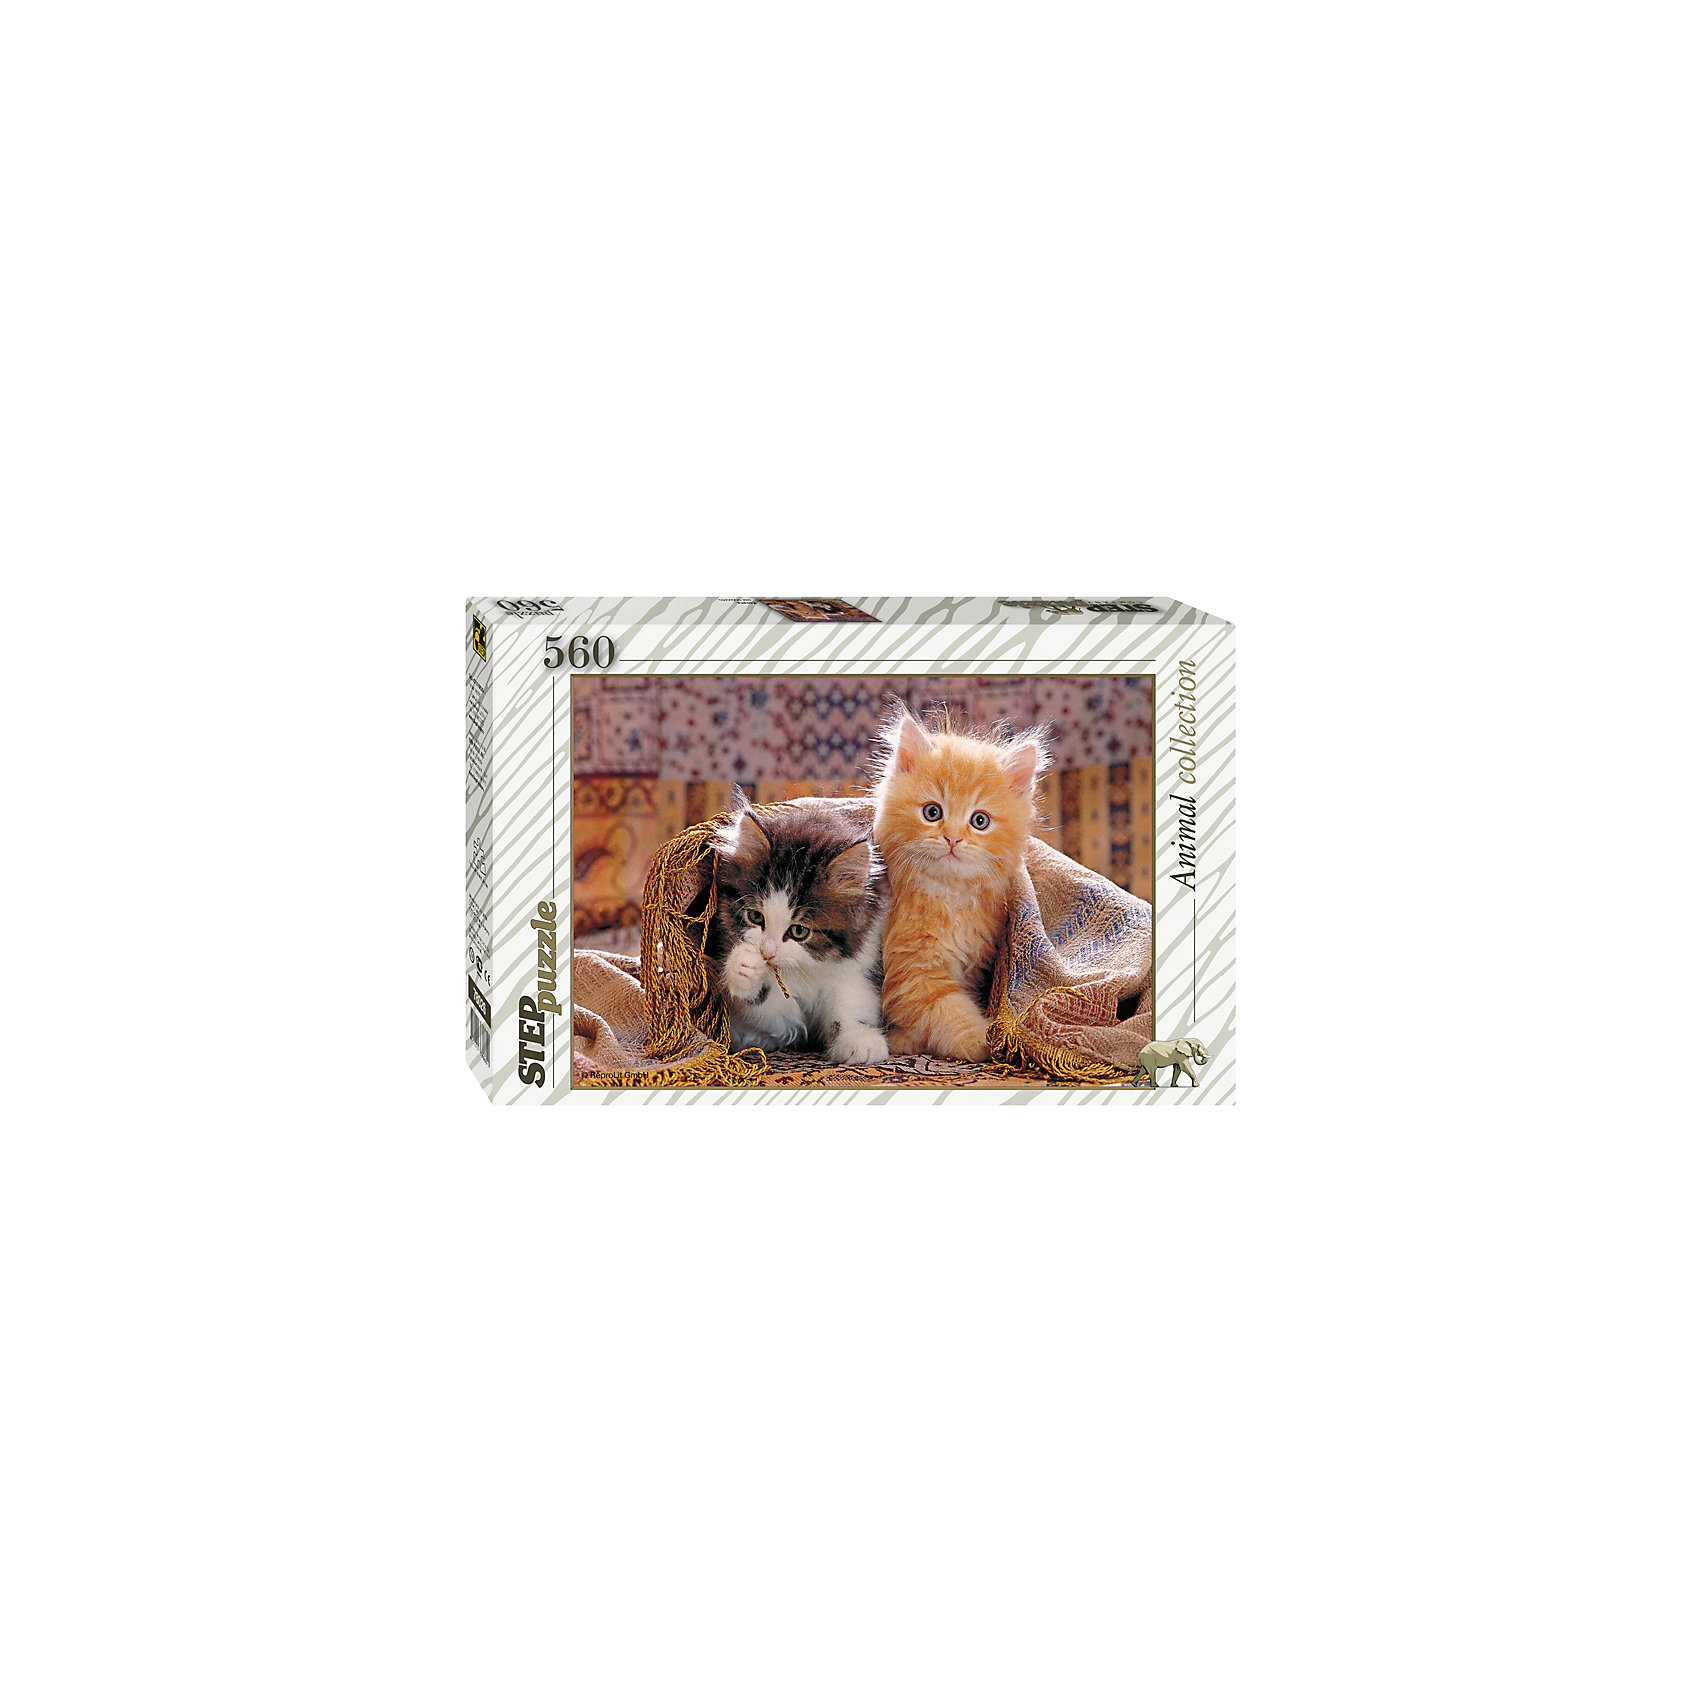 Пазл Котята, 560 деталей, Step PuzzleПазлы для детей постарше<br>Пазл Котята, 560 деталей, Step Puzzle (Степ Пазл) – это красочный пазл серии «Animal collection».<br>Пазл Котята от торговой марки Step Puzzle (Степ Пазл) станет прекрасным подарком, как для малышей, так и для взрослых. Все элементы изготовлены из прочного картона. Качественные фрагменты пазла отлично проклеены, не расслаиваются и идеально подходят один к другому, поэтому сборка пазла обеспечит только положительные эмоции. Собрав все детали, Вы получите яркую картинку с изображением двух смешных пушистых котят, которые забрались под плед, и выглядывают оттуда, а один из котят играет с бахромой. Занятия с пазлом поспособствуют развитию множества полезных навыков, таких как мелкая моторика рук, пространственное мышление, память и наблюдательность.<br><br>Дополнительная информация:<br><br>- Количество деталей: 560<br>- Материал: картон<br>- Размер собранной картины: 50х34,5 см.<br>- Отличная проклейка<br>- Детали идеально подходят друг другу<br>- Упаковка: картонная коробка<br>- Размер упаковки: 335x40x215 мм.<br>- Вес: 600 гр.<br><br>Пазл Котята, 560 деталей, Step Puzzle (Степ Пазл) можно купить в нашем интернет-магазине.<br><br>Ширина мм: 335<br>Глубина мм: 40<br>Высота мм: 215<br>Вес г: 600<br>Возраст от месяцев: 84<br>Возраст до месяцев: 192<br>Пол: Унисекс<br>Возраст: Детский<br>Количество деталей: 560<br>SKU: 4588299